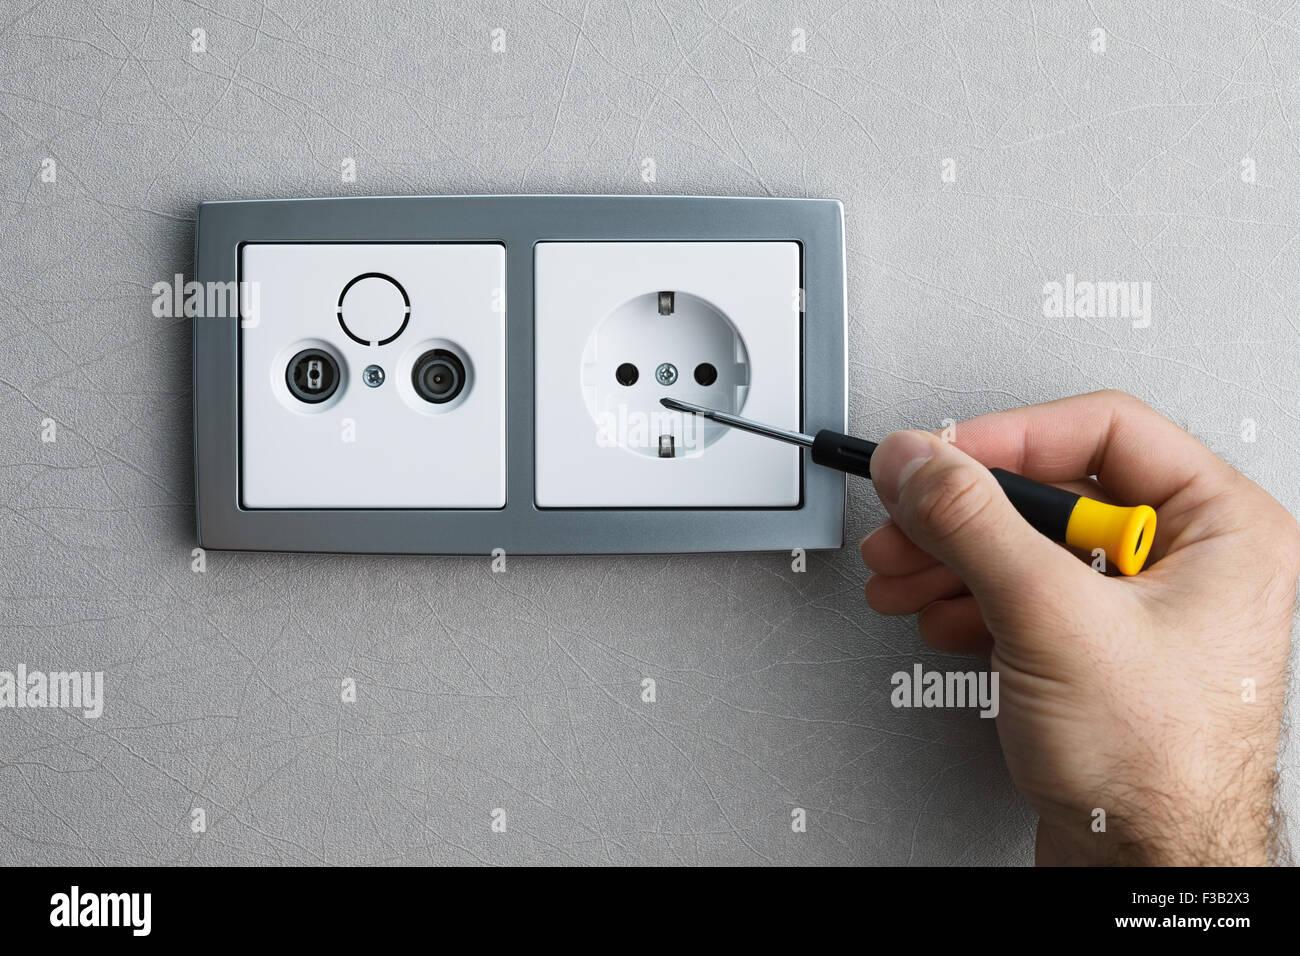 Silberne Wand installieren eine silberne wand ac steckdose mit einem